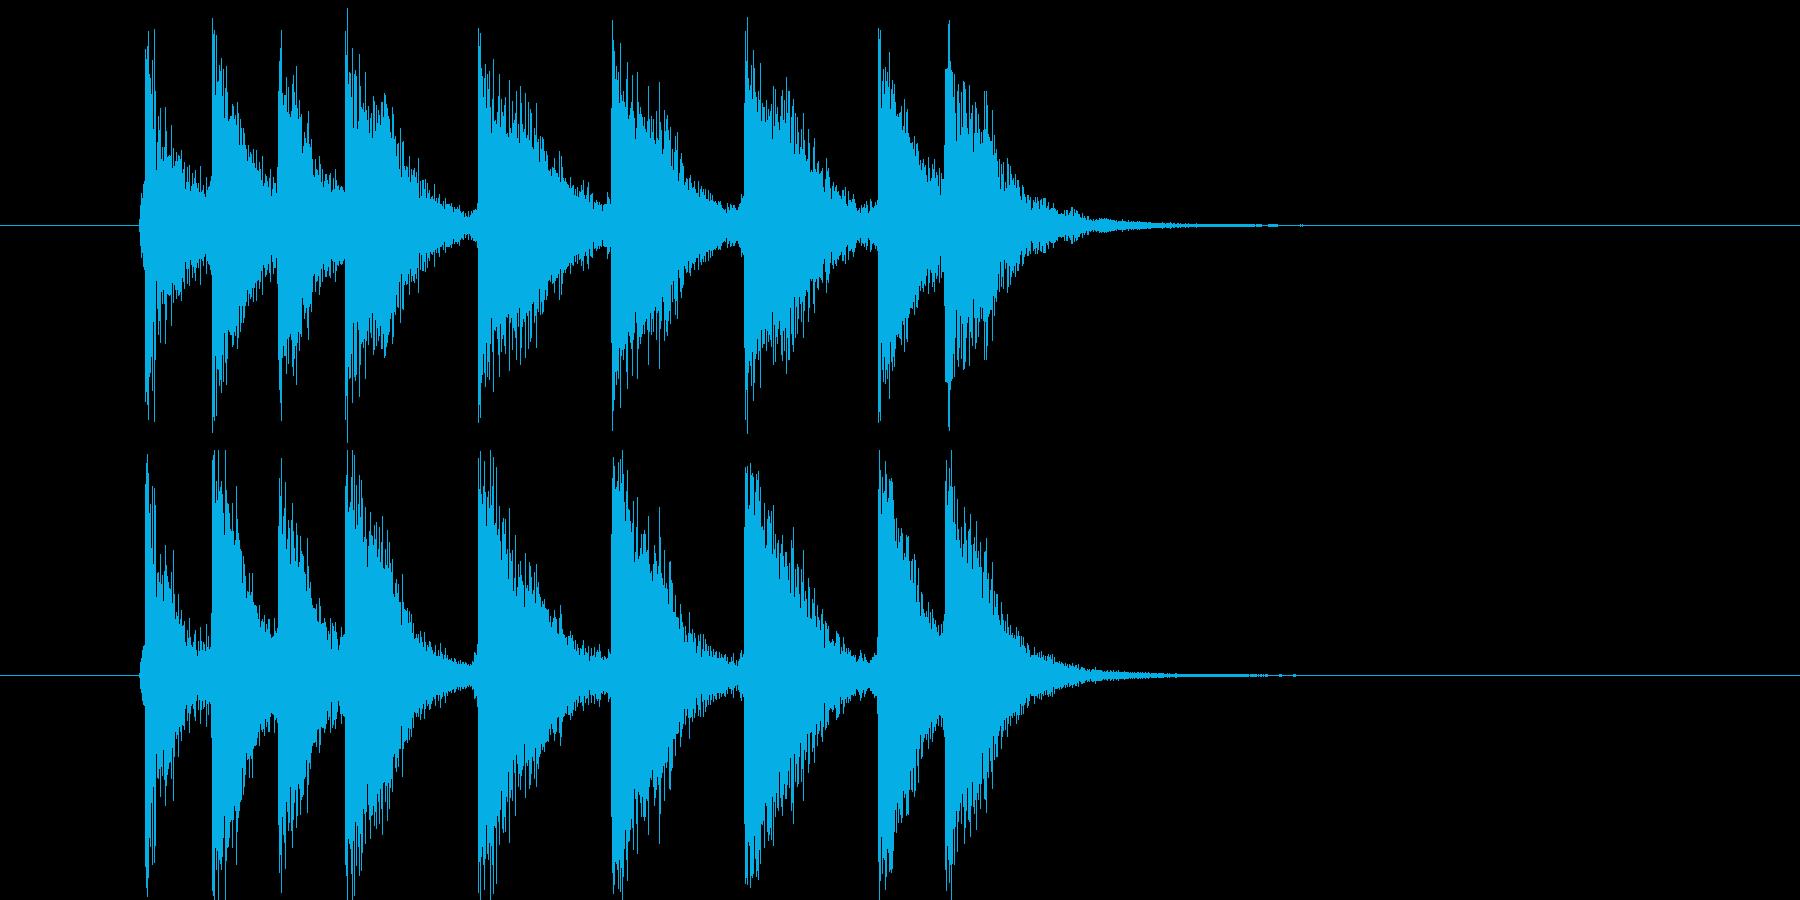 アタック音が元気な短い効果音の再生済みの波形